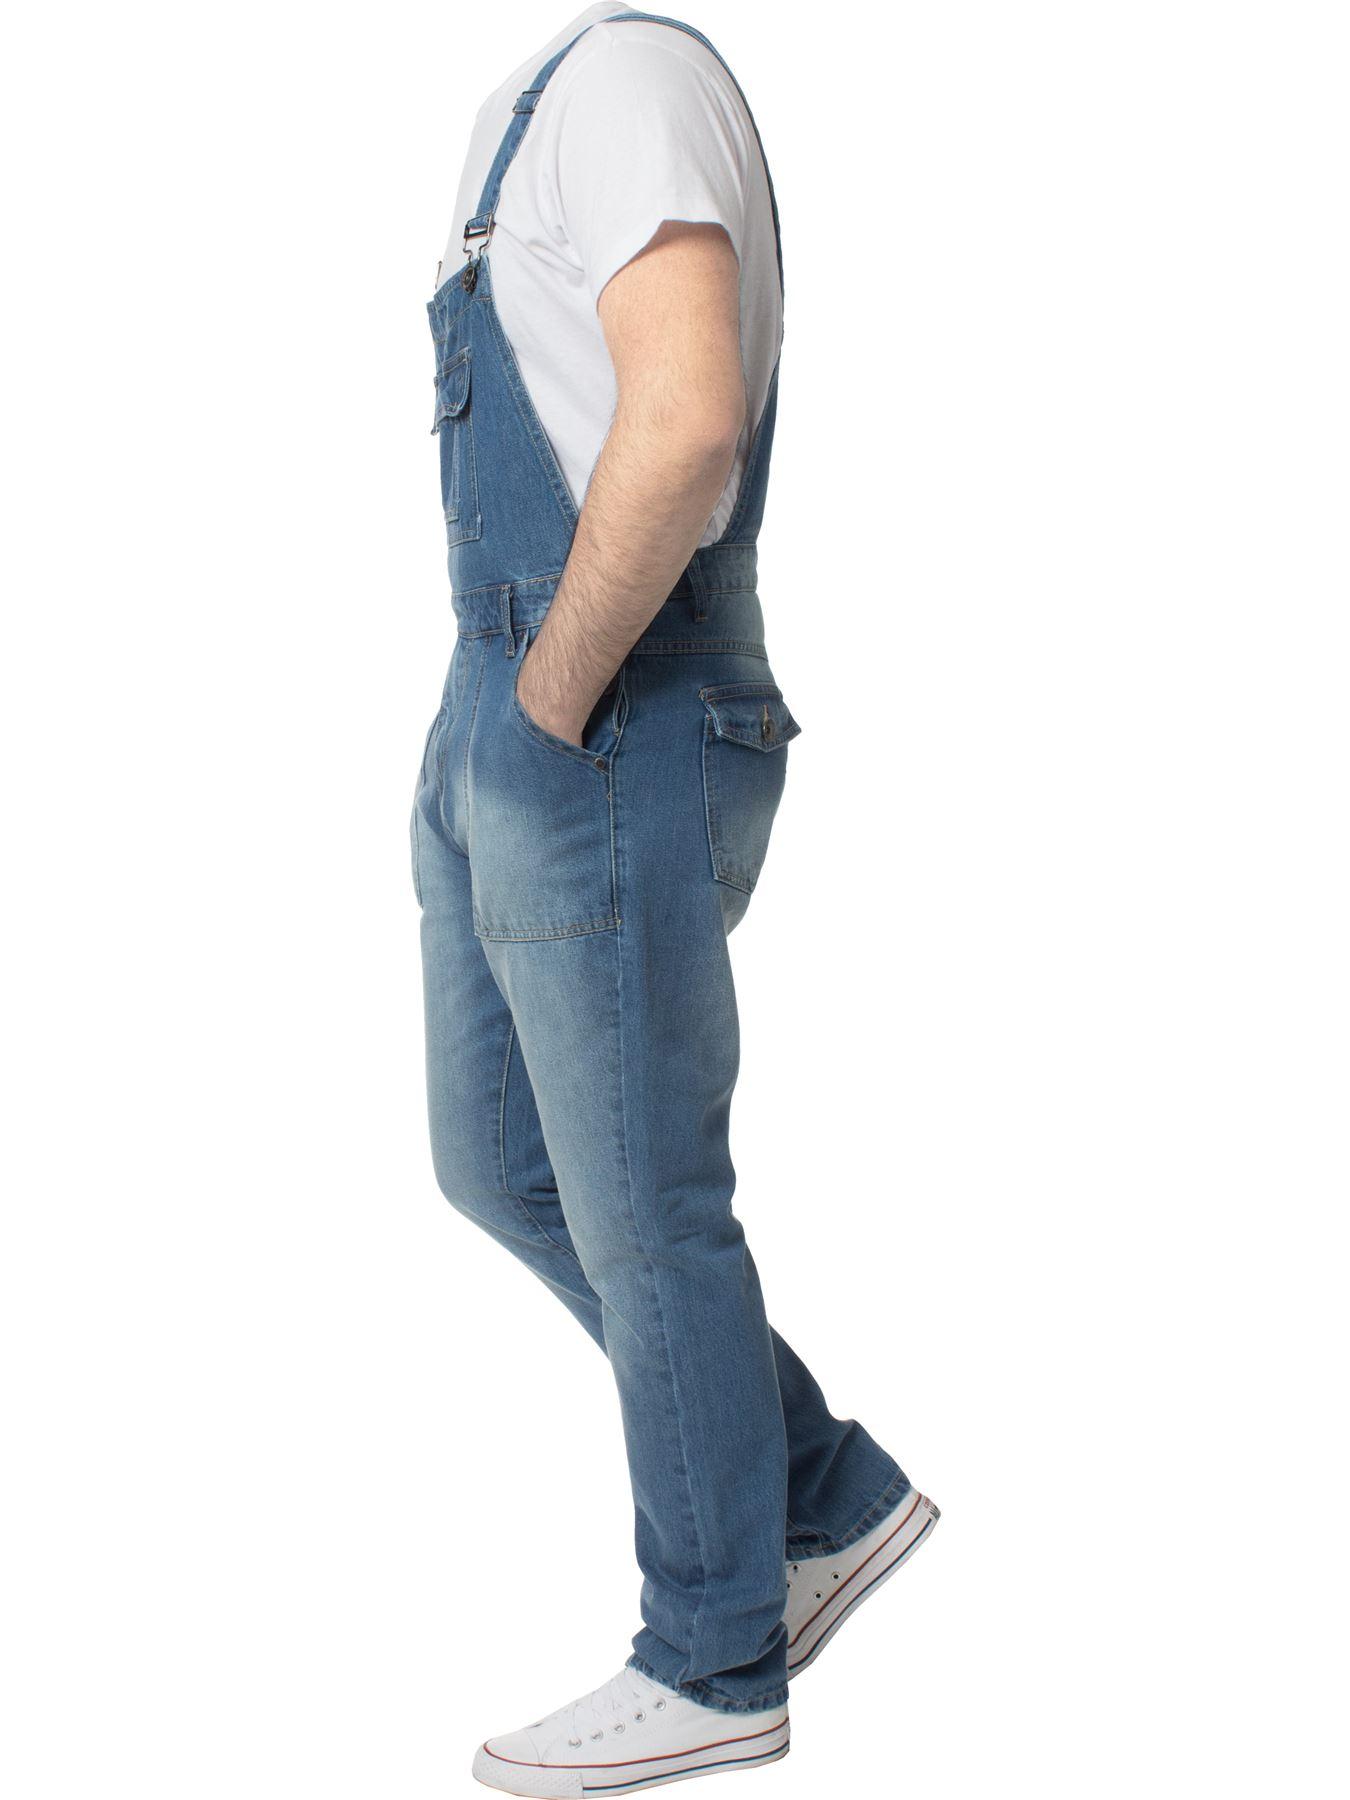 ENZO-Jeans-Hombre-Denim-Azul-Peto-Peto-overoles-Todas-Cinturas-Talla-30-034-50-034 miniatura 7